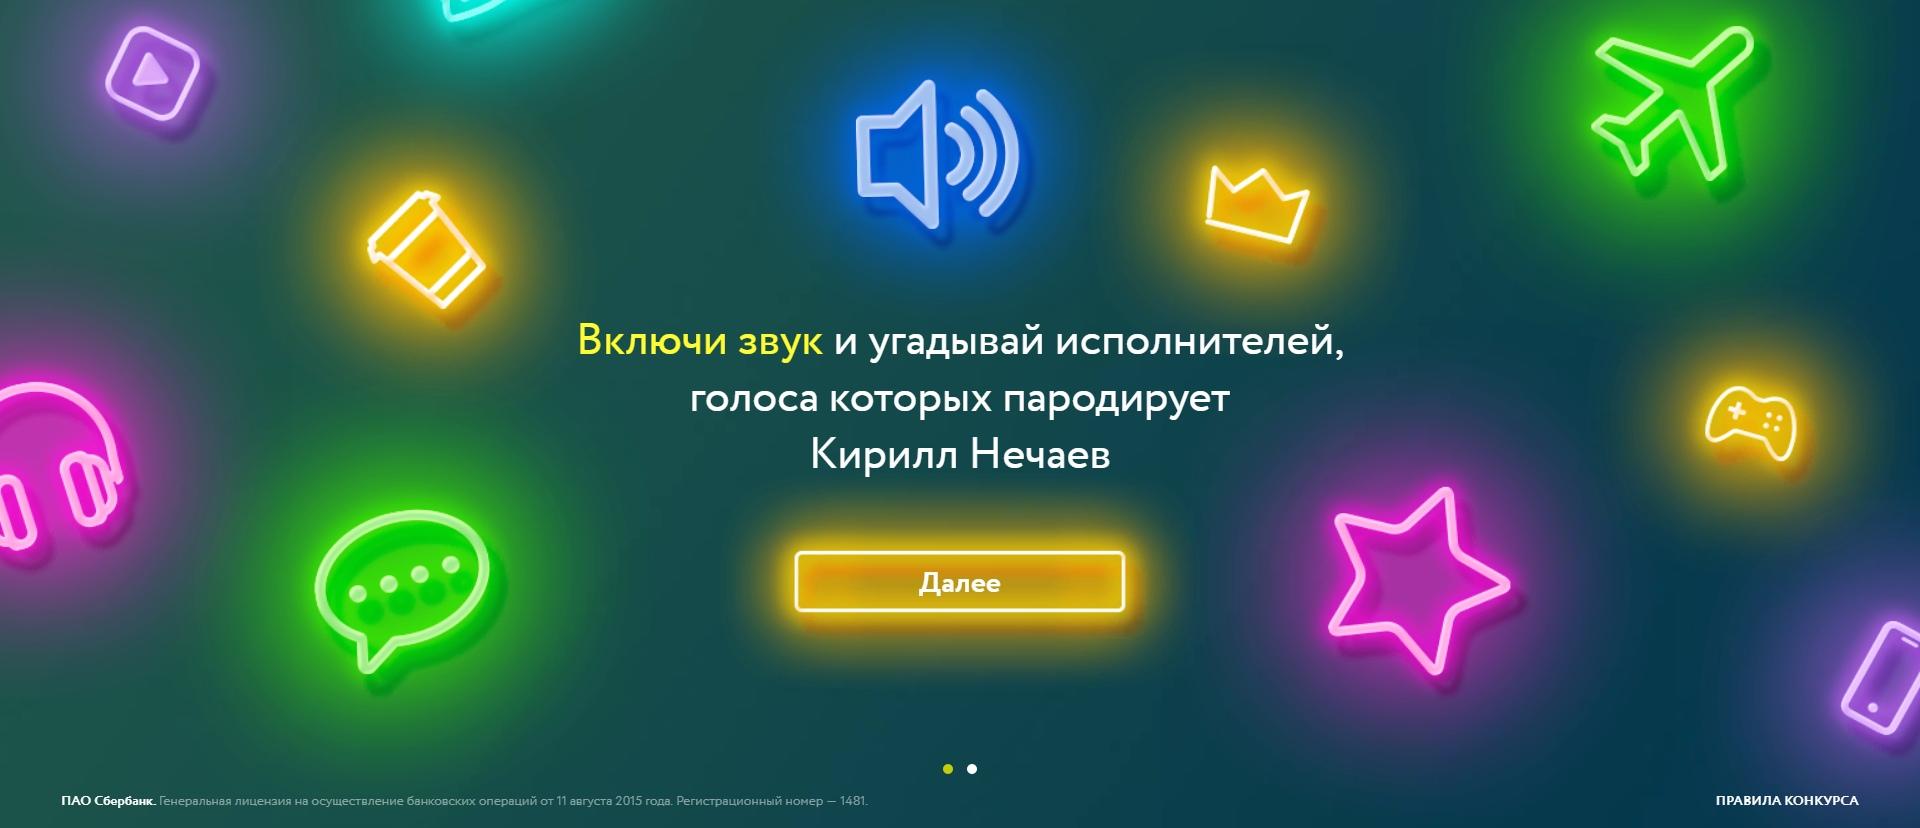 https://pp.userapi.com/c850728/v850728679/5c9eb/Cxhi2J-uU_s.jpg